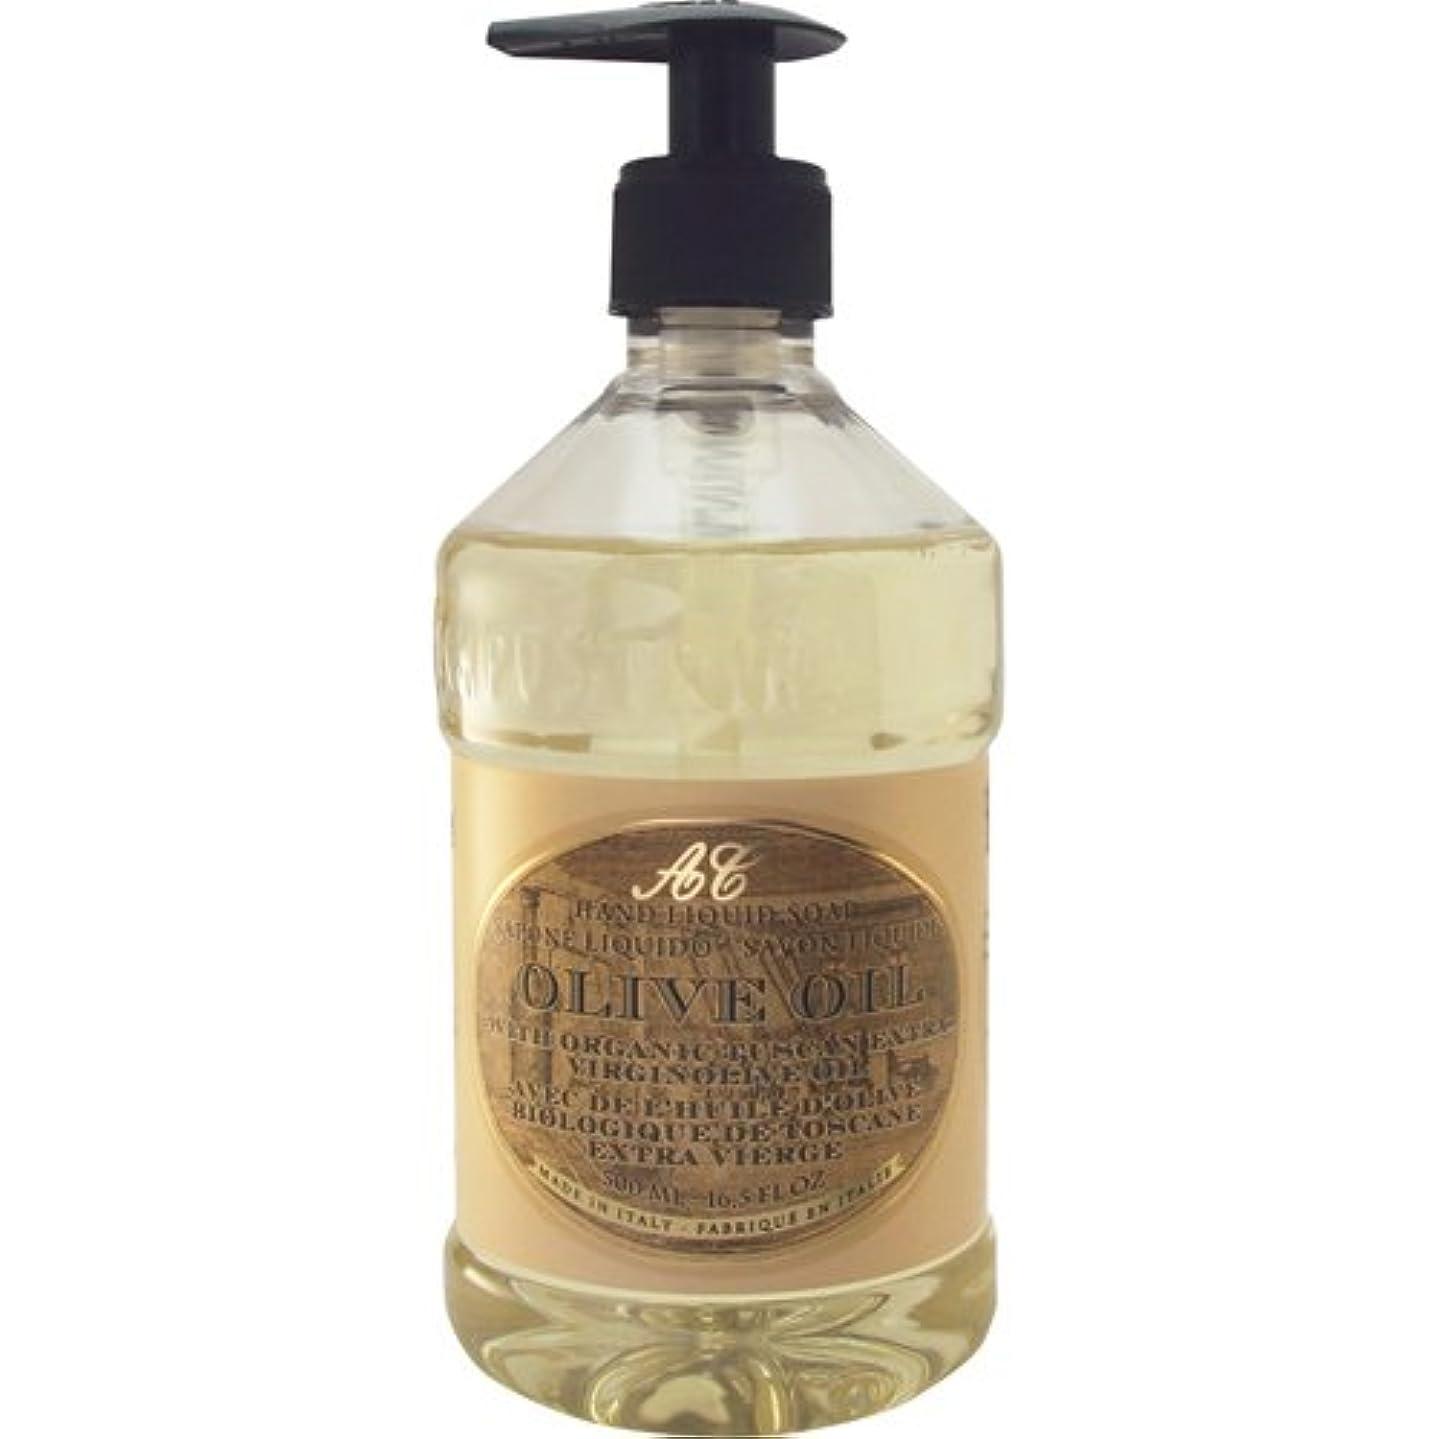 所持計器人間Saponerire Fissi レトロシリーズ Liquid Soap リキッドソープ 500ml Olive Oil オリーブオイル